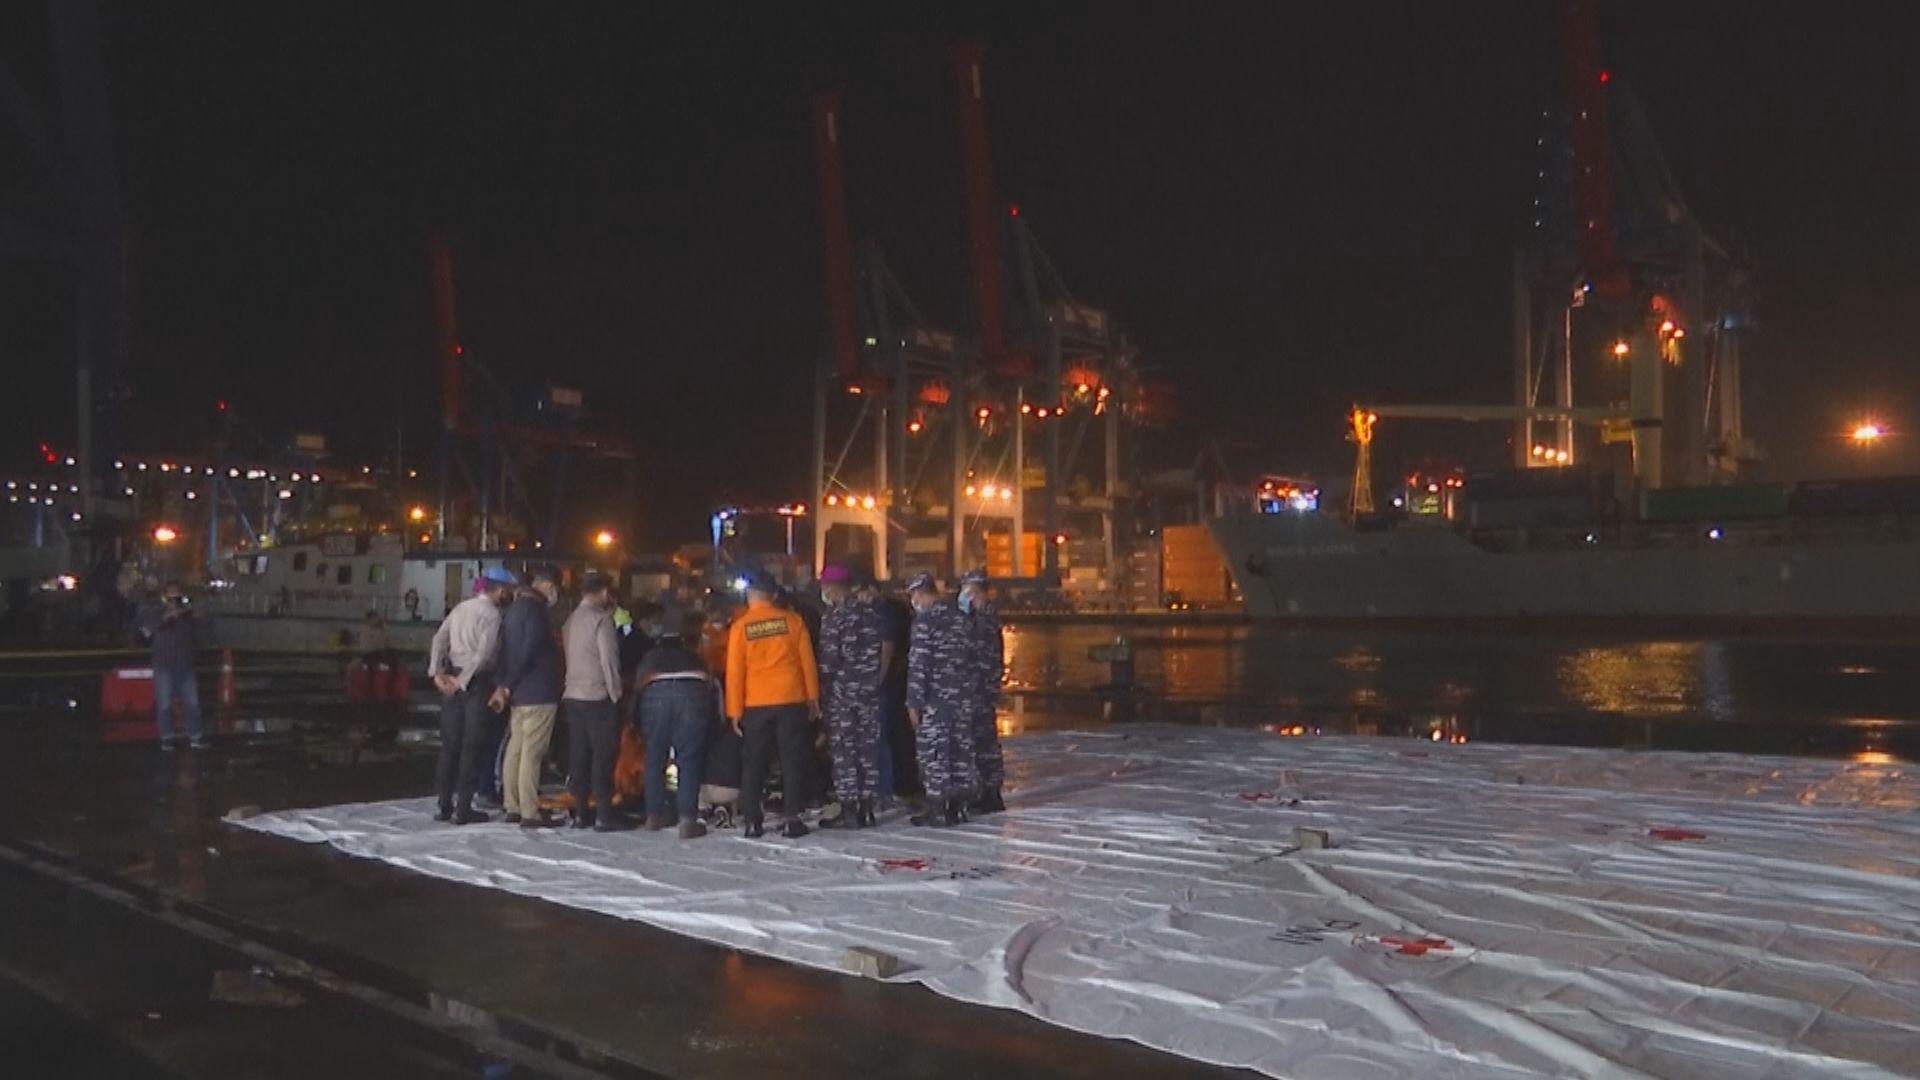 印尼當局繼續搜索失事內陸客機殘骸 出事海域找到人體殘肢